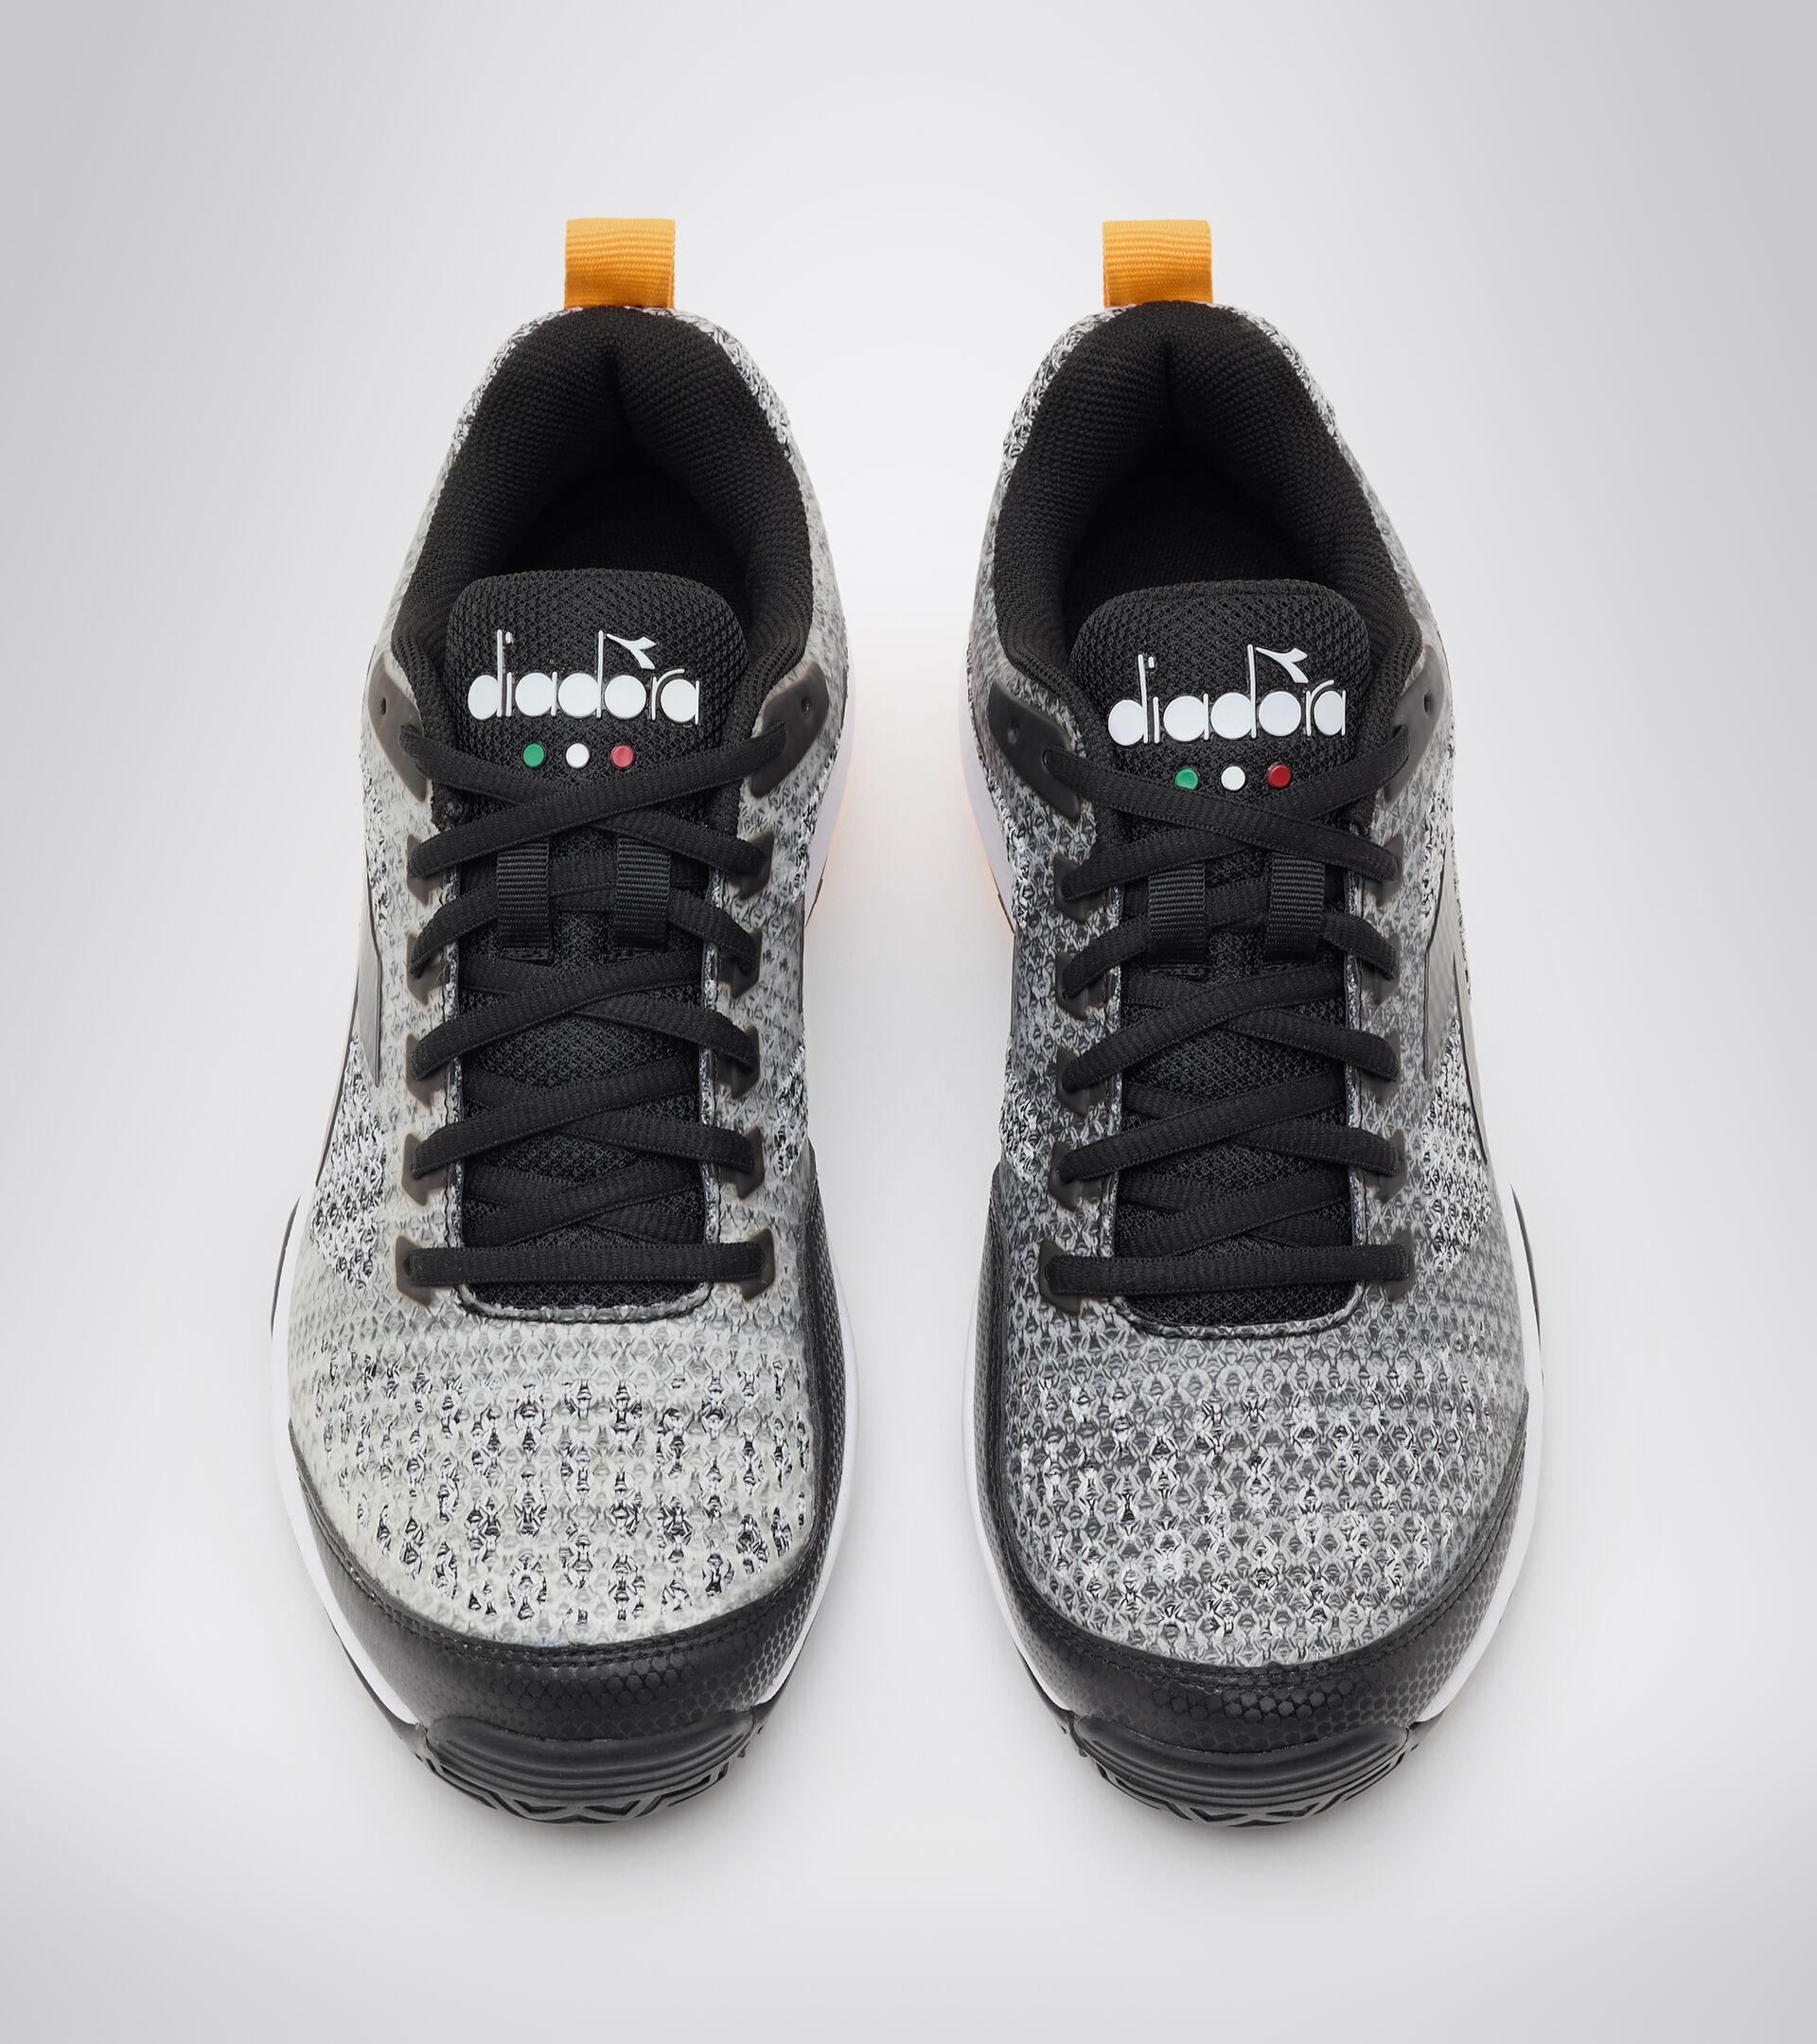 Footwear Sport UOMO S.SHOT 2 CLAY GRIGIO ACCIAIO/NERO/BIANCO Diadora